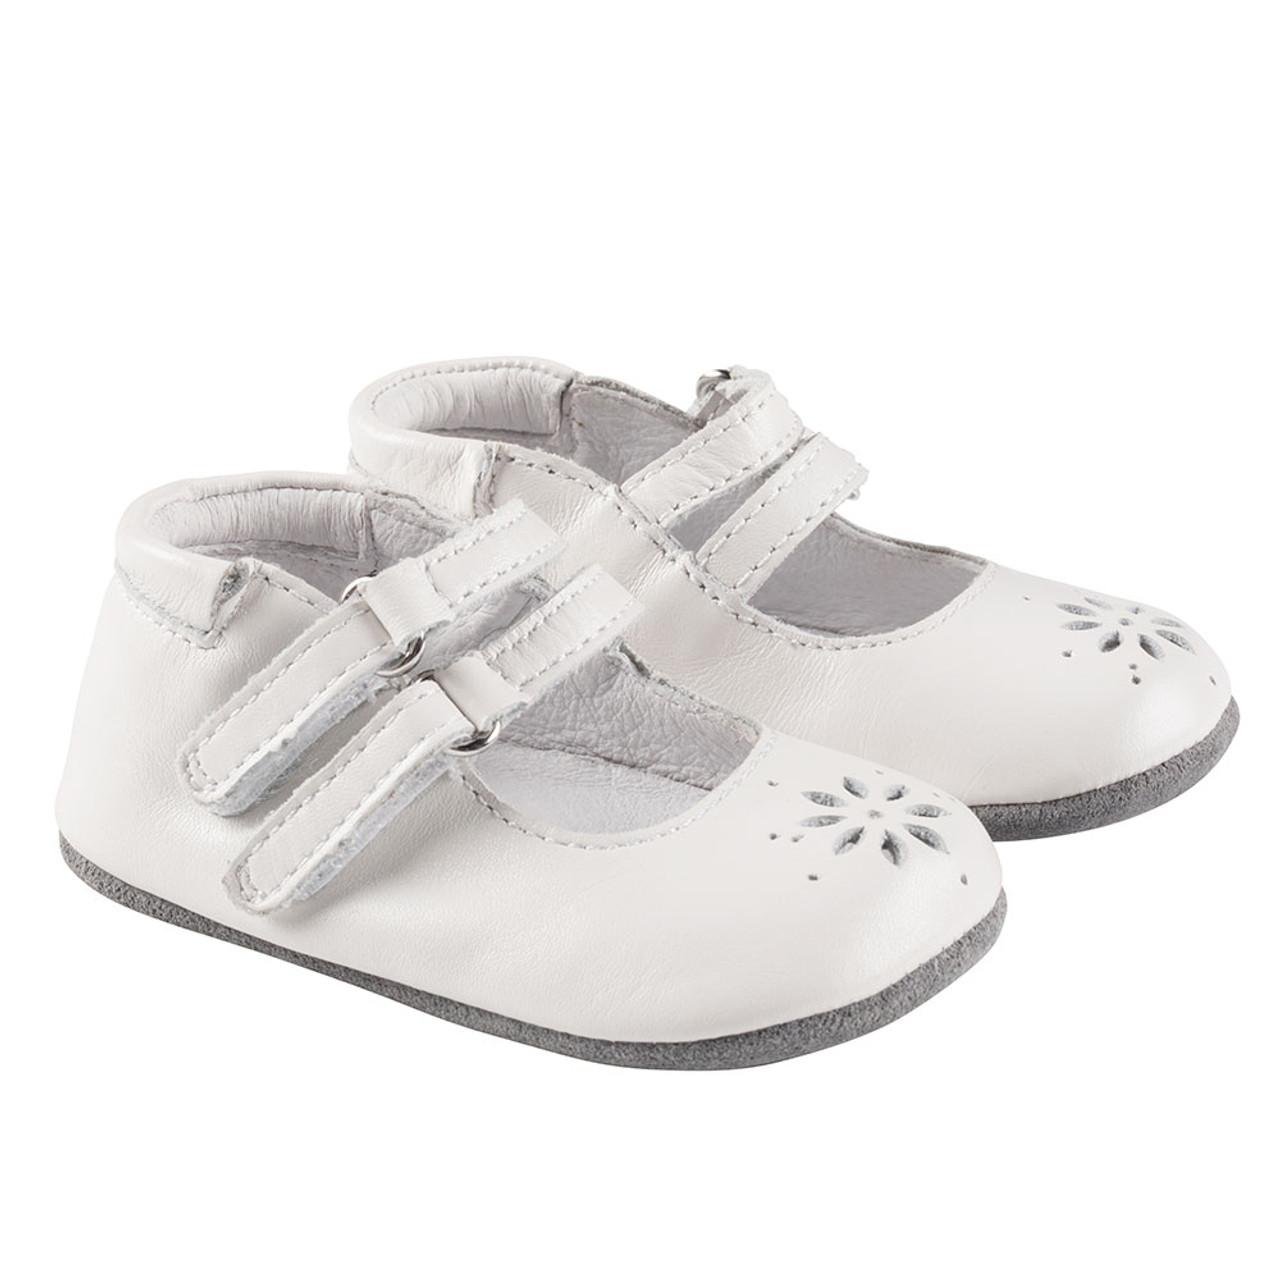 Audrey | Mini Shoez | Baby Shoes | Robeez